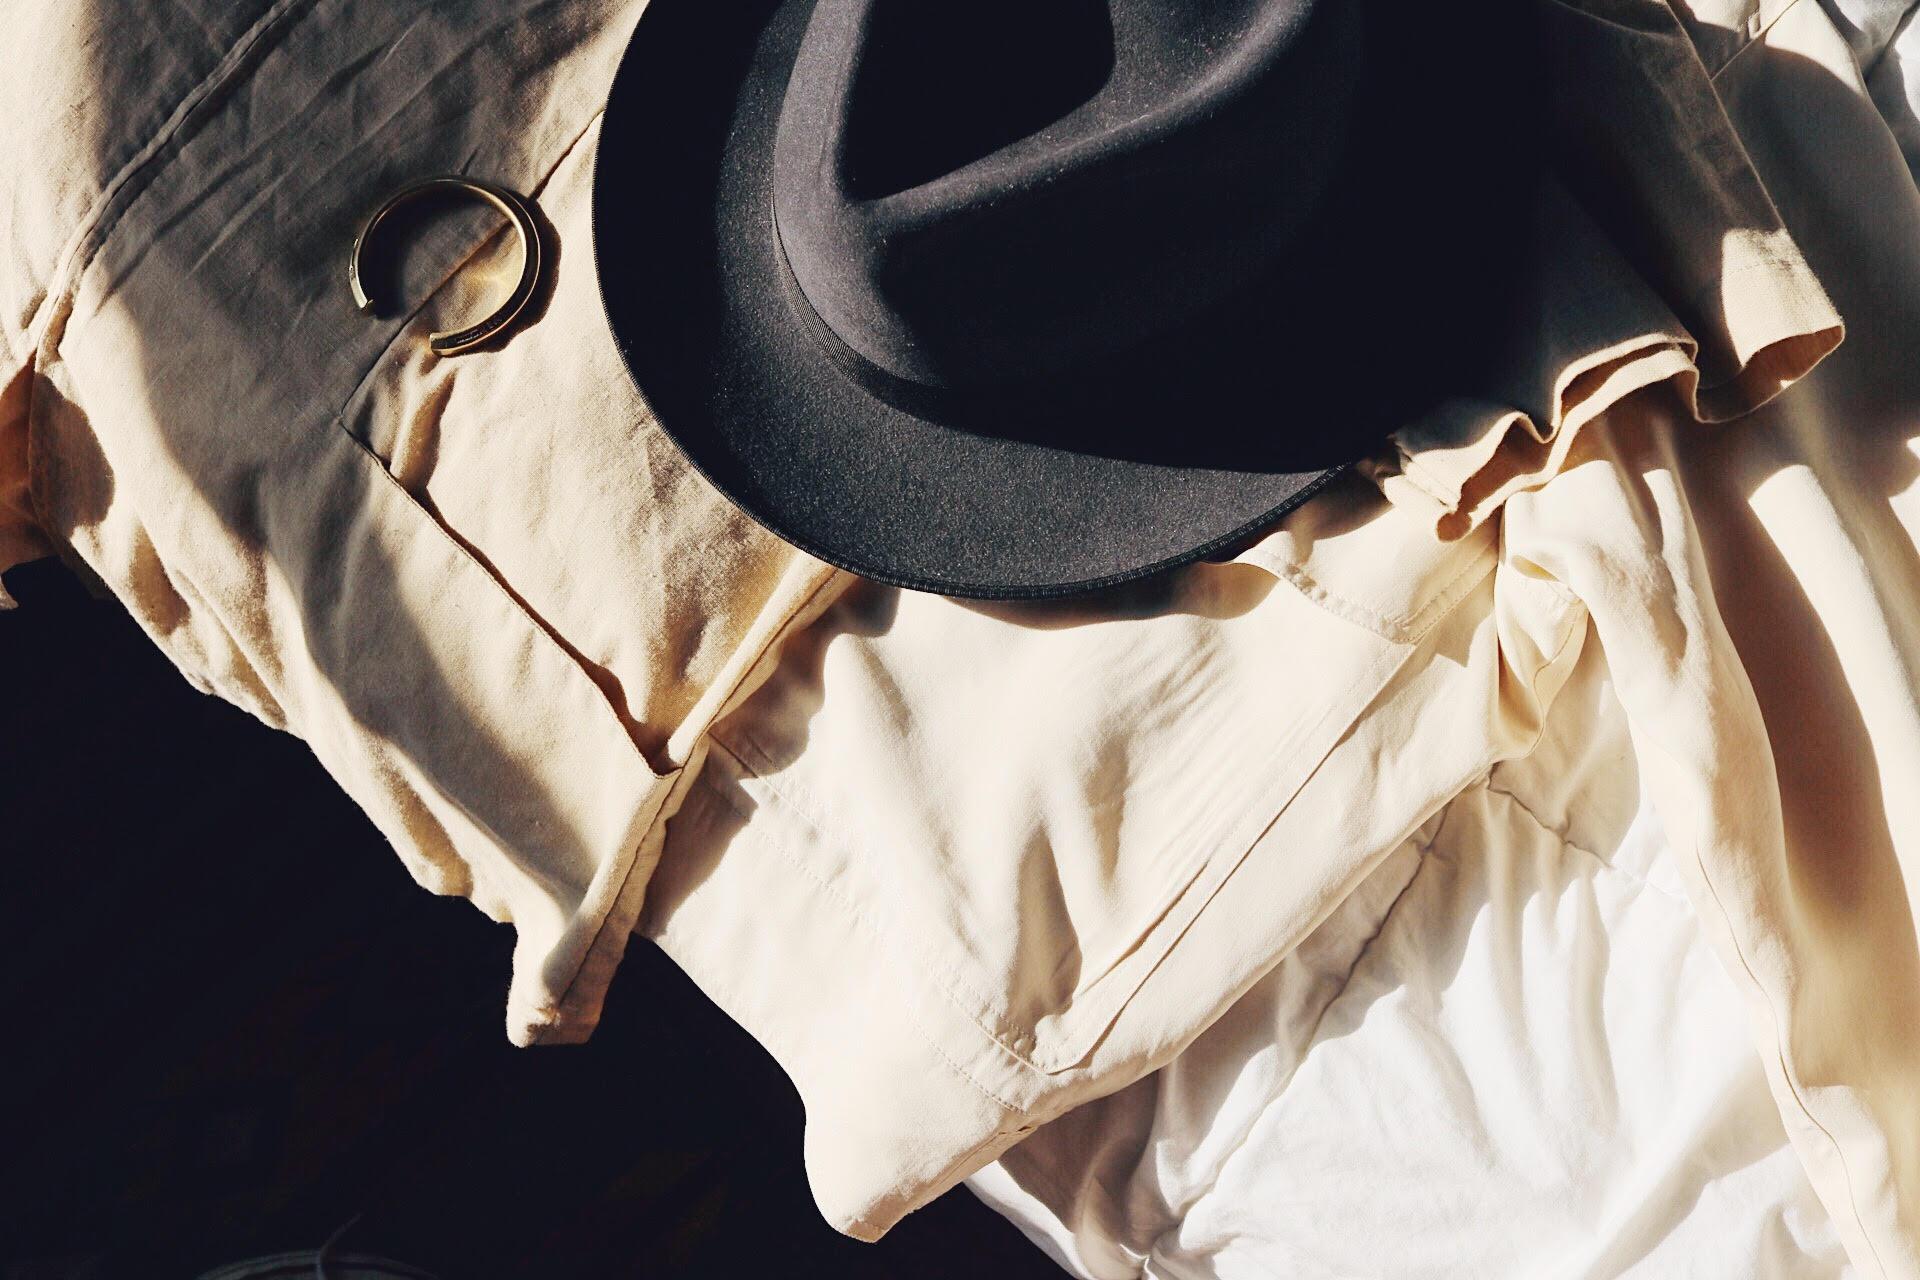 Darnell Lamont - Hand-Picked Menswear By Darnell Lamont